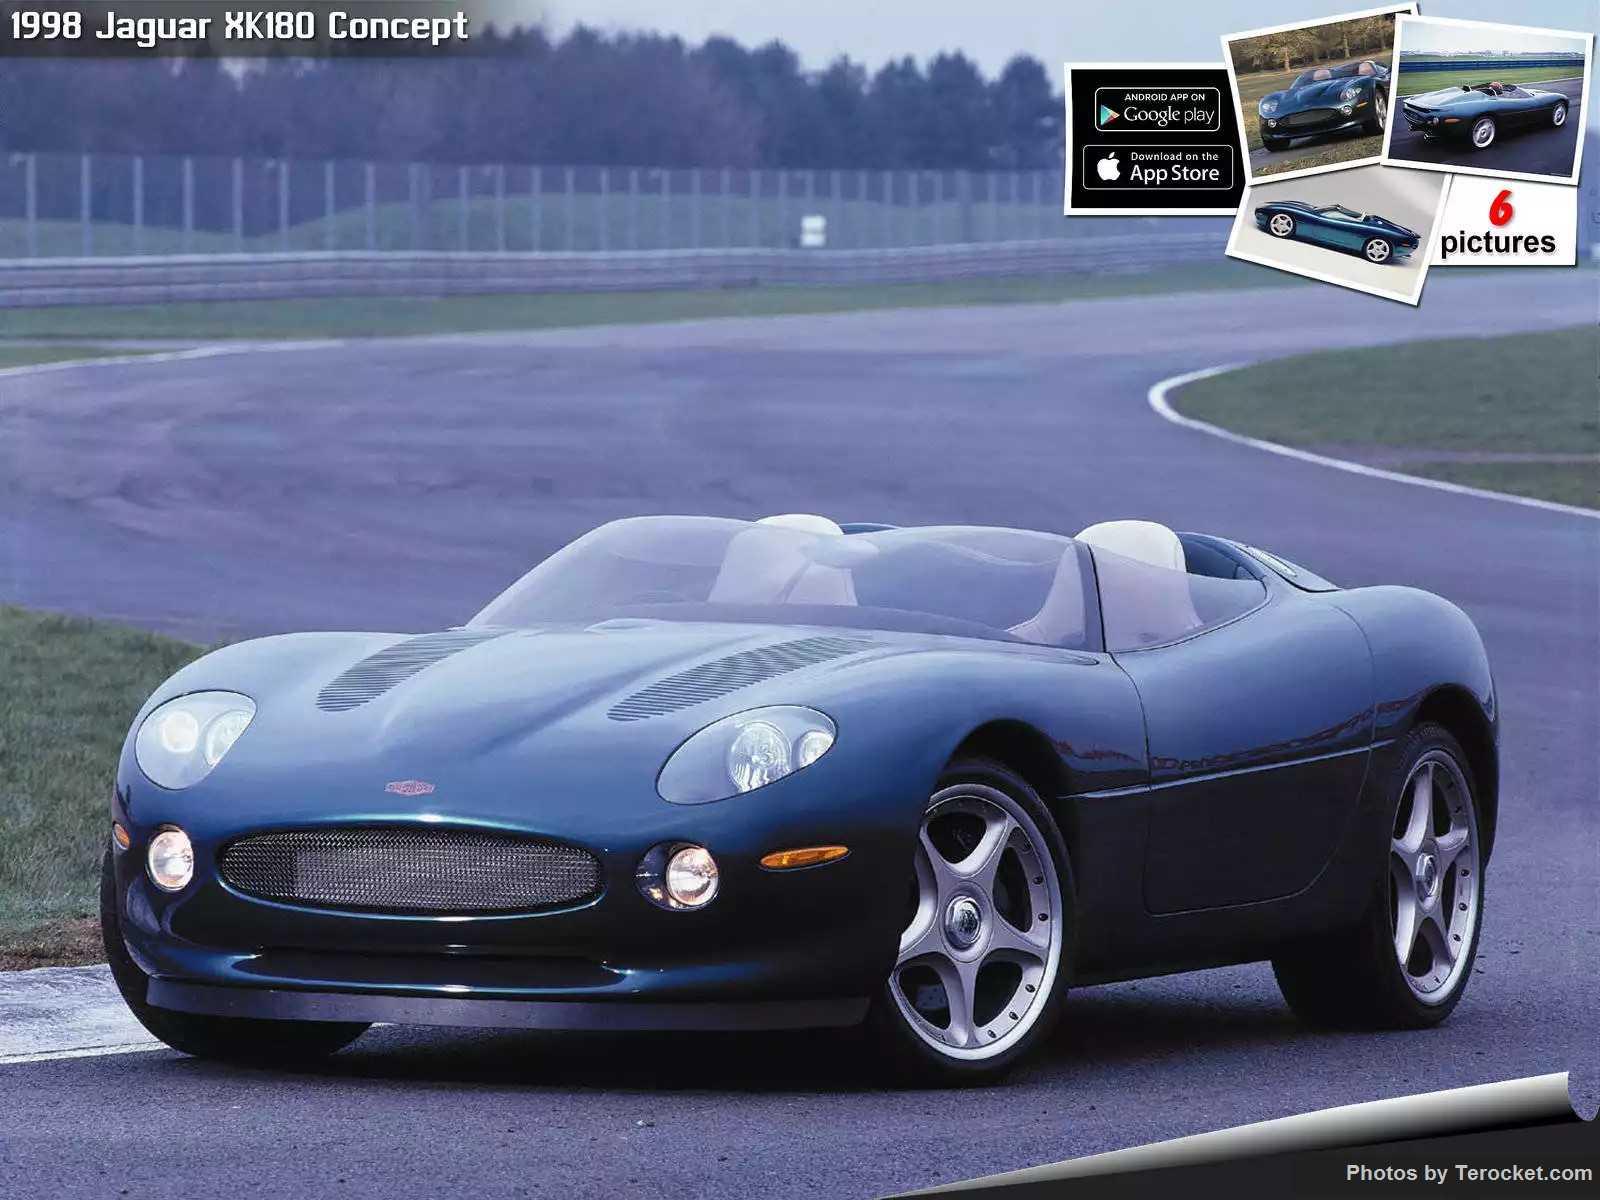 Hình ảnh xe ô tô Jaguar XK180 Concept 1998 & nội ngoại thất